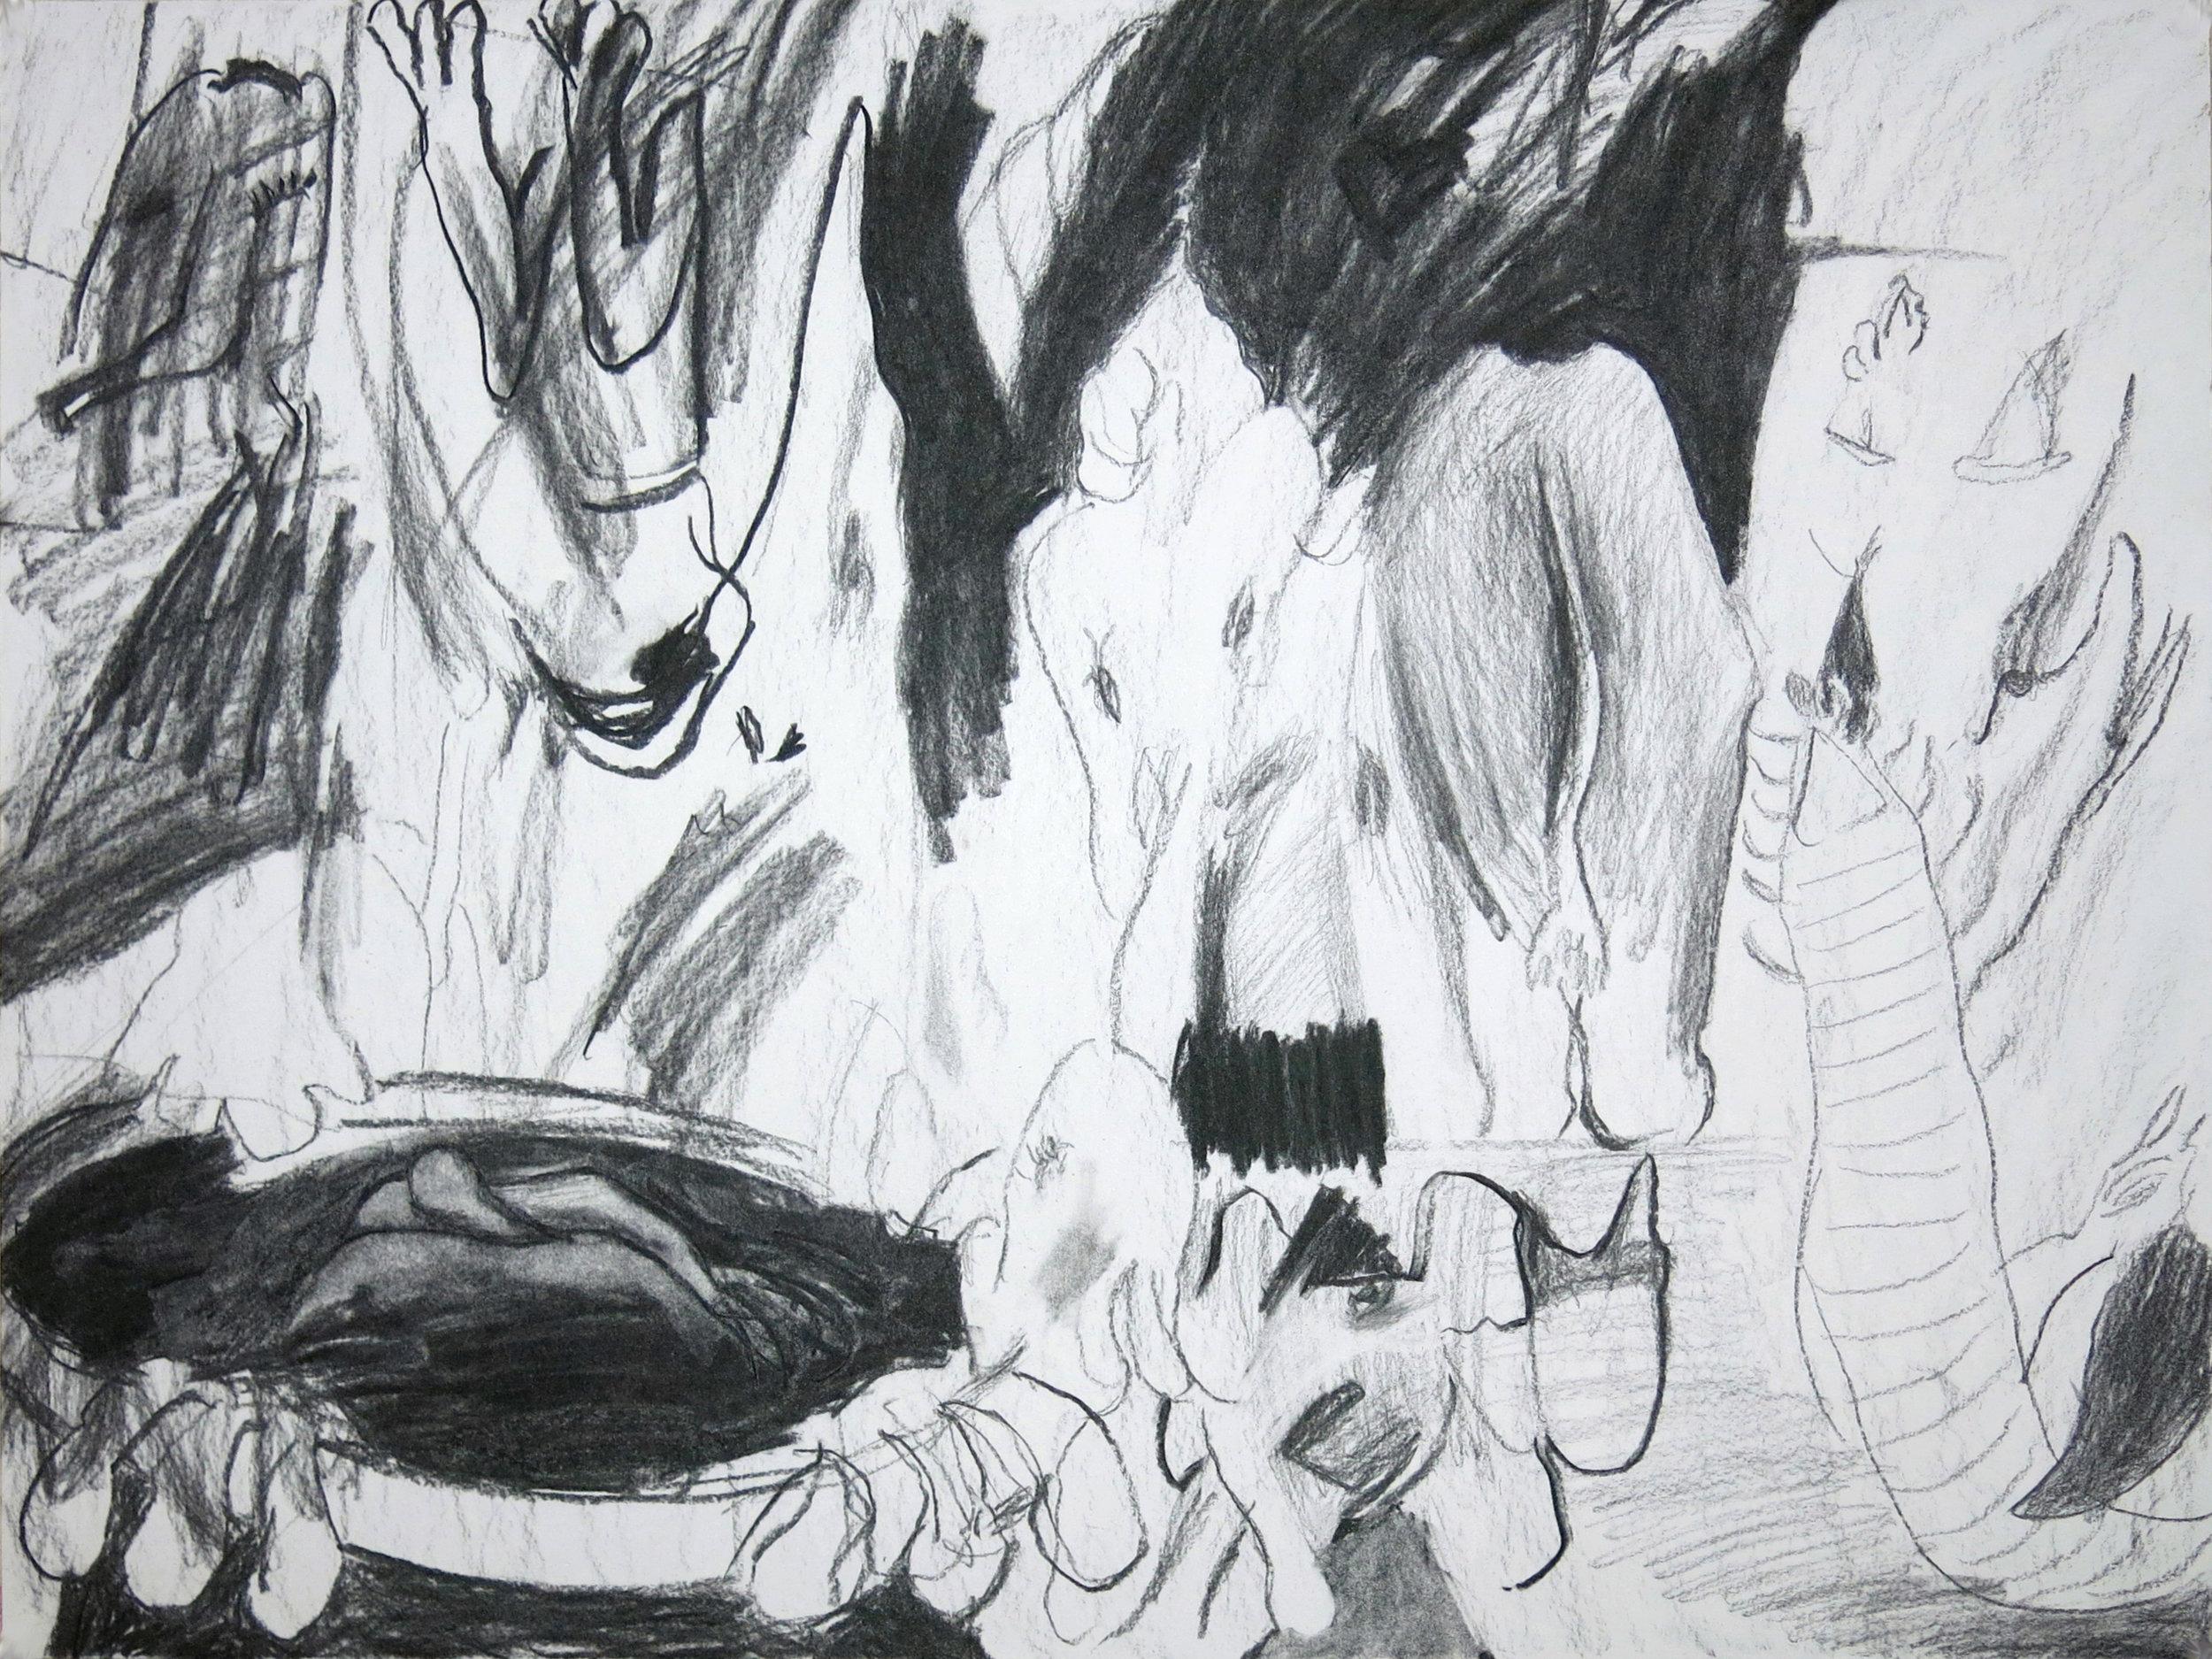 Mesopotamia Drawing #24